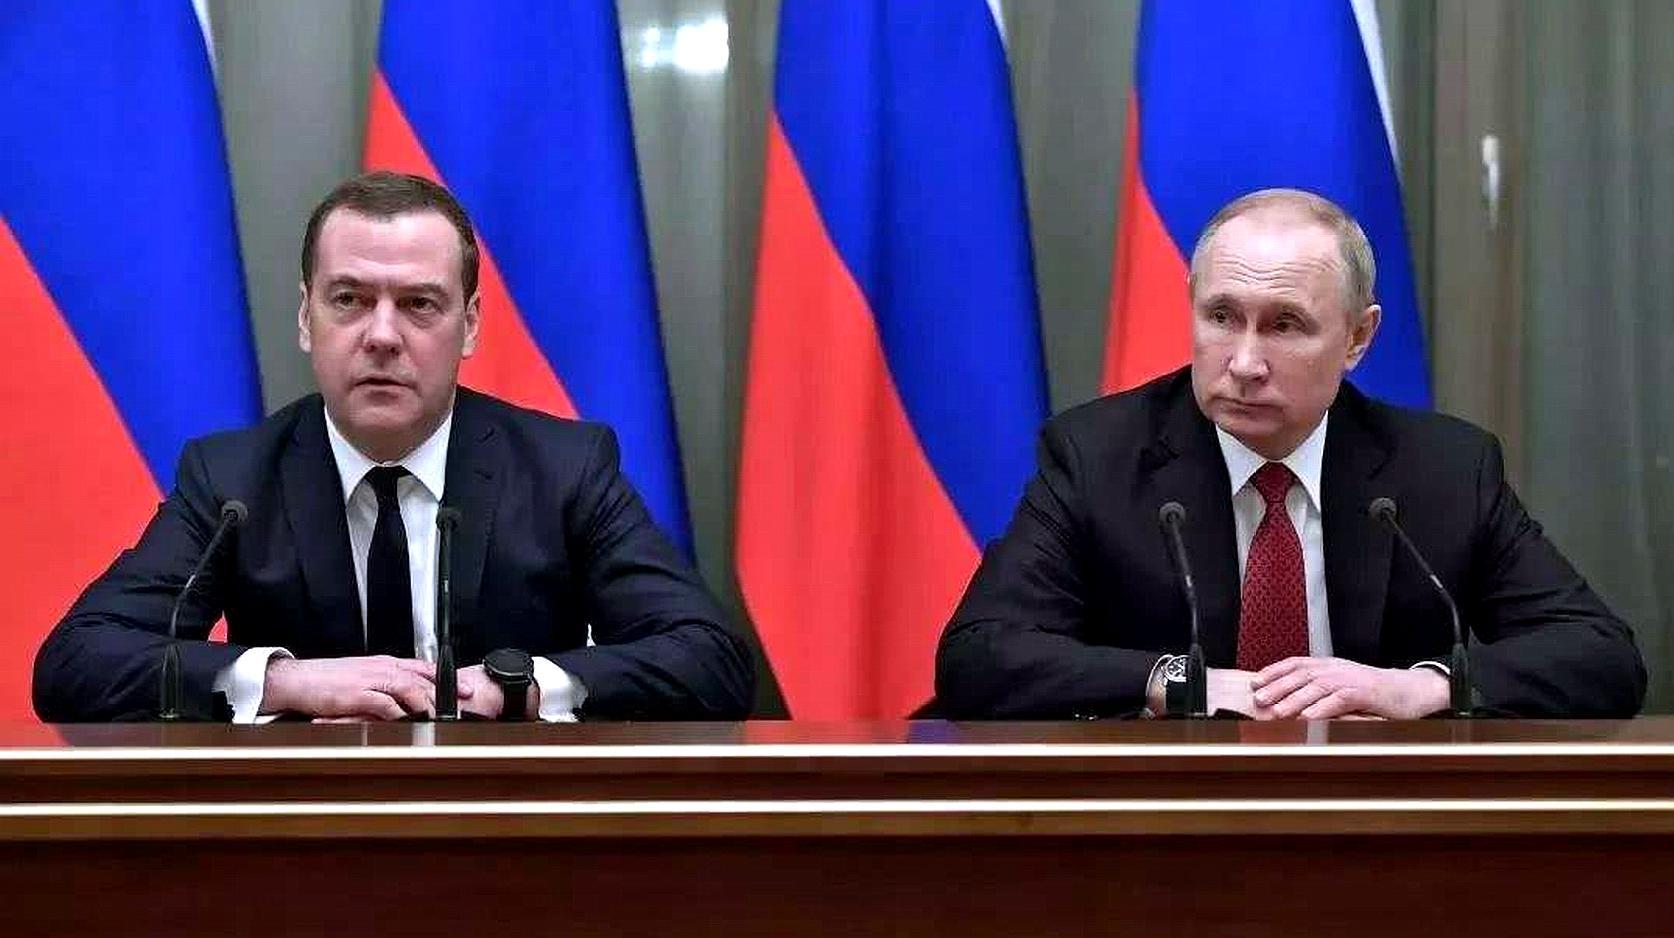 梅德韦杰夫突然宣布:俄罗斯政府全体辞职,中方表态来了